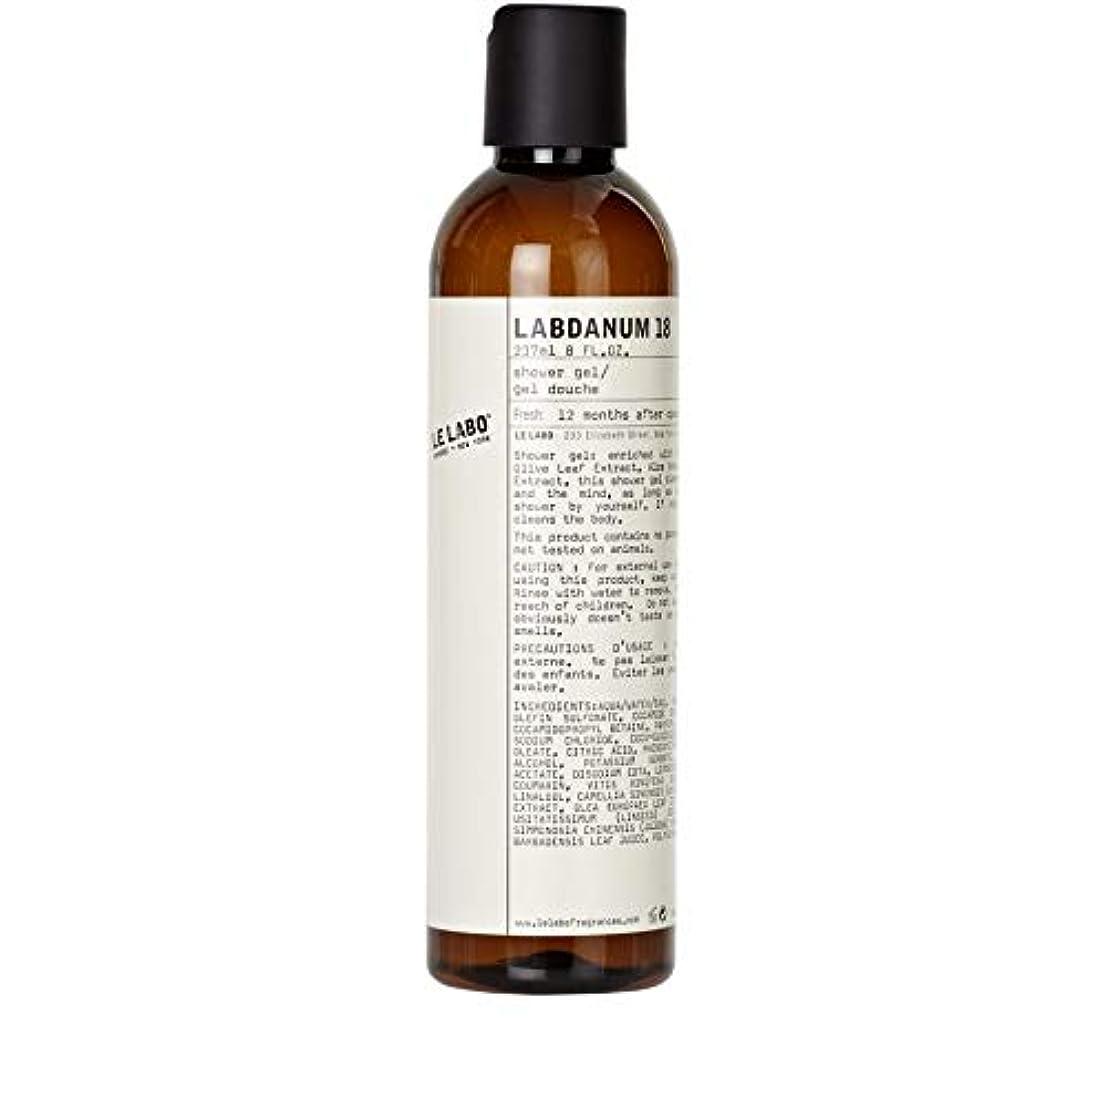 興奮する偽造にじみ出る[Le Labo ] ルラボラブダナム18シャワージェル237ミリリットル - Le Labo Labdanum 18 Shower Gel 237ml [並行輸入品]